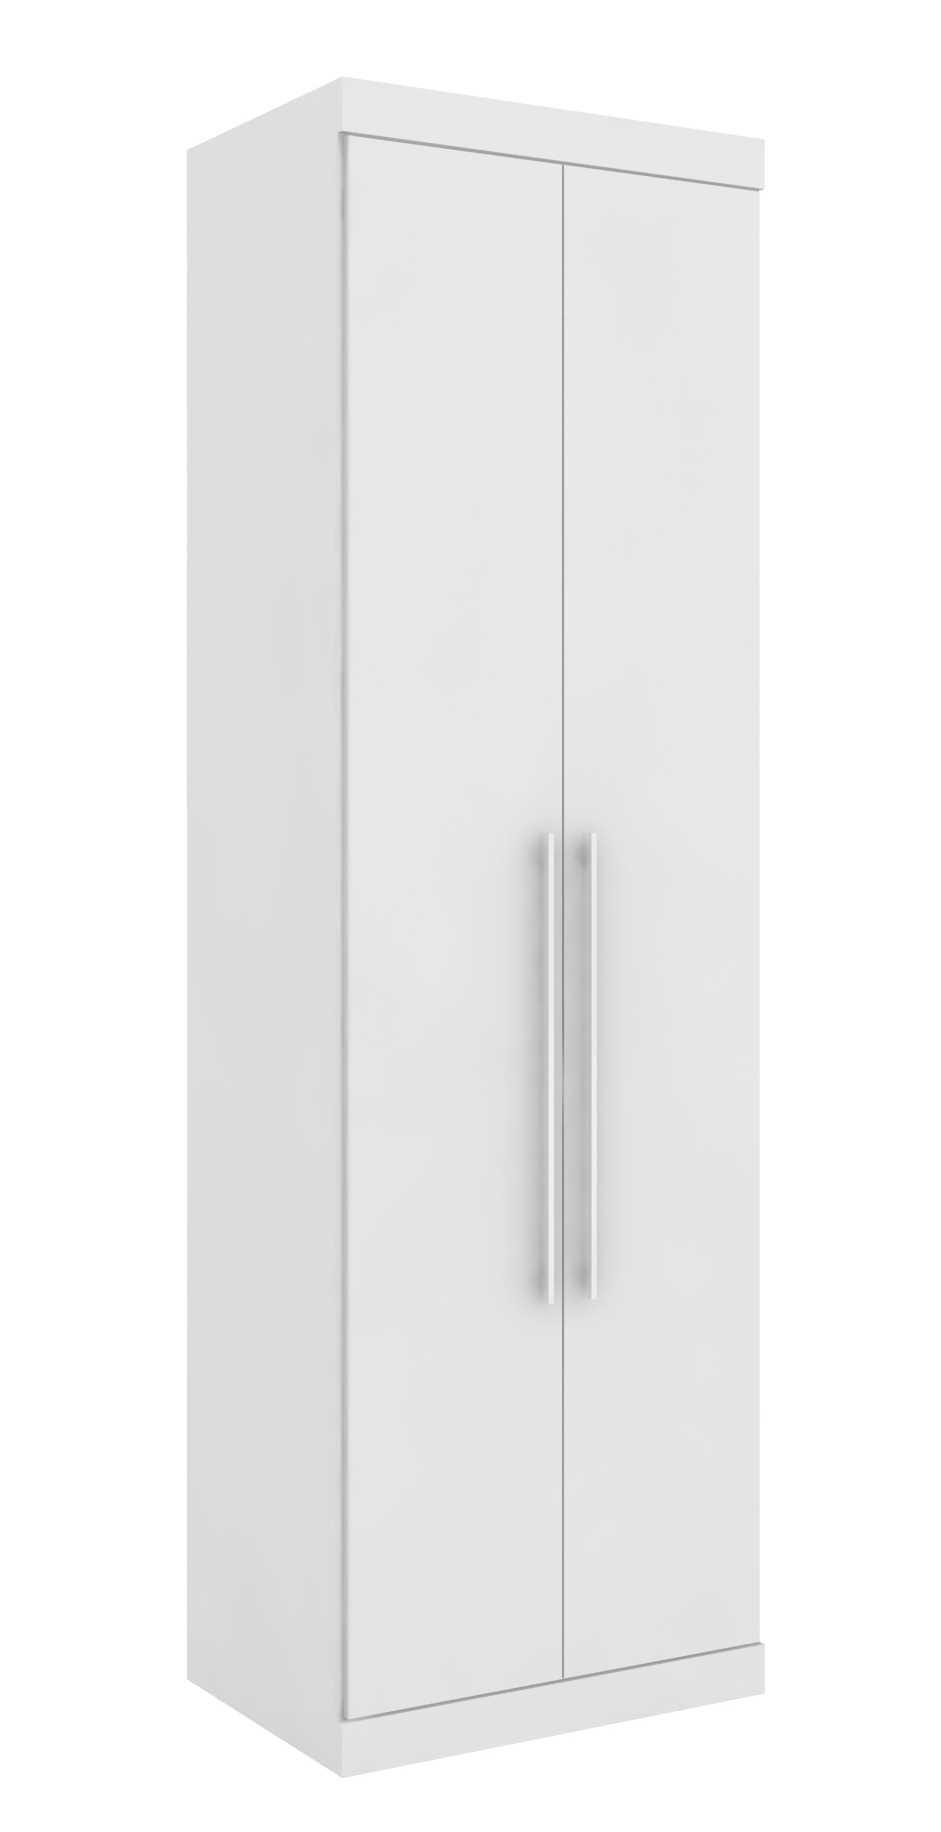 Armário Modulado Supreme 2 Portas 71cm com 3 Gavetas Prateleira Branco Fosco e Branco Madeirado Robel Móveis